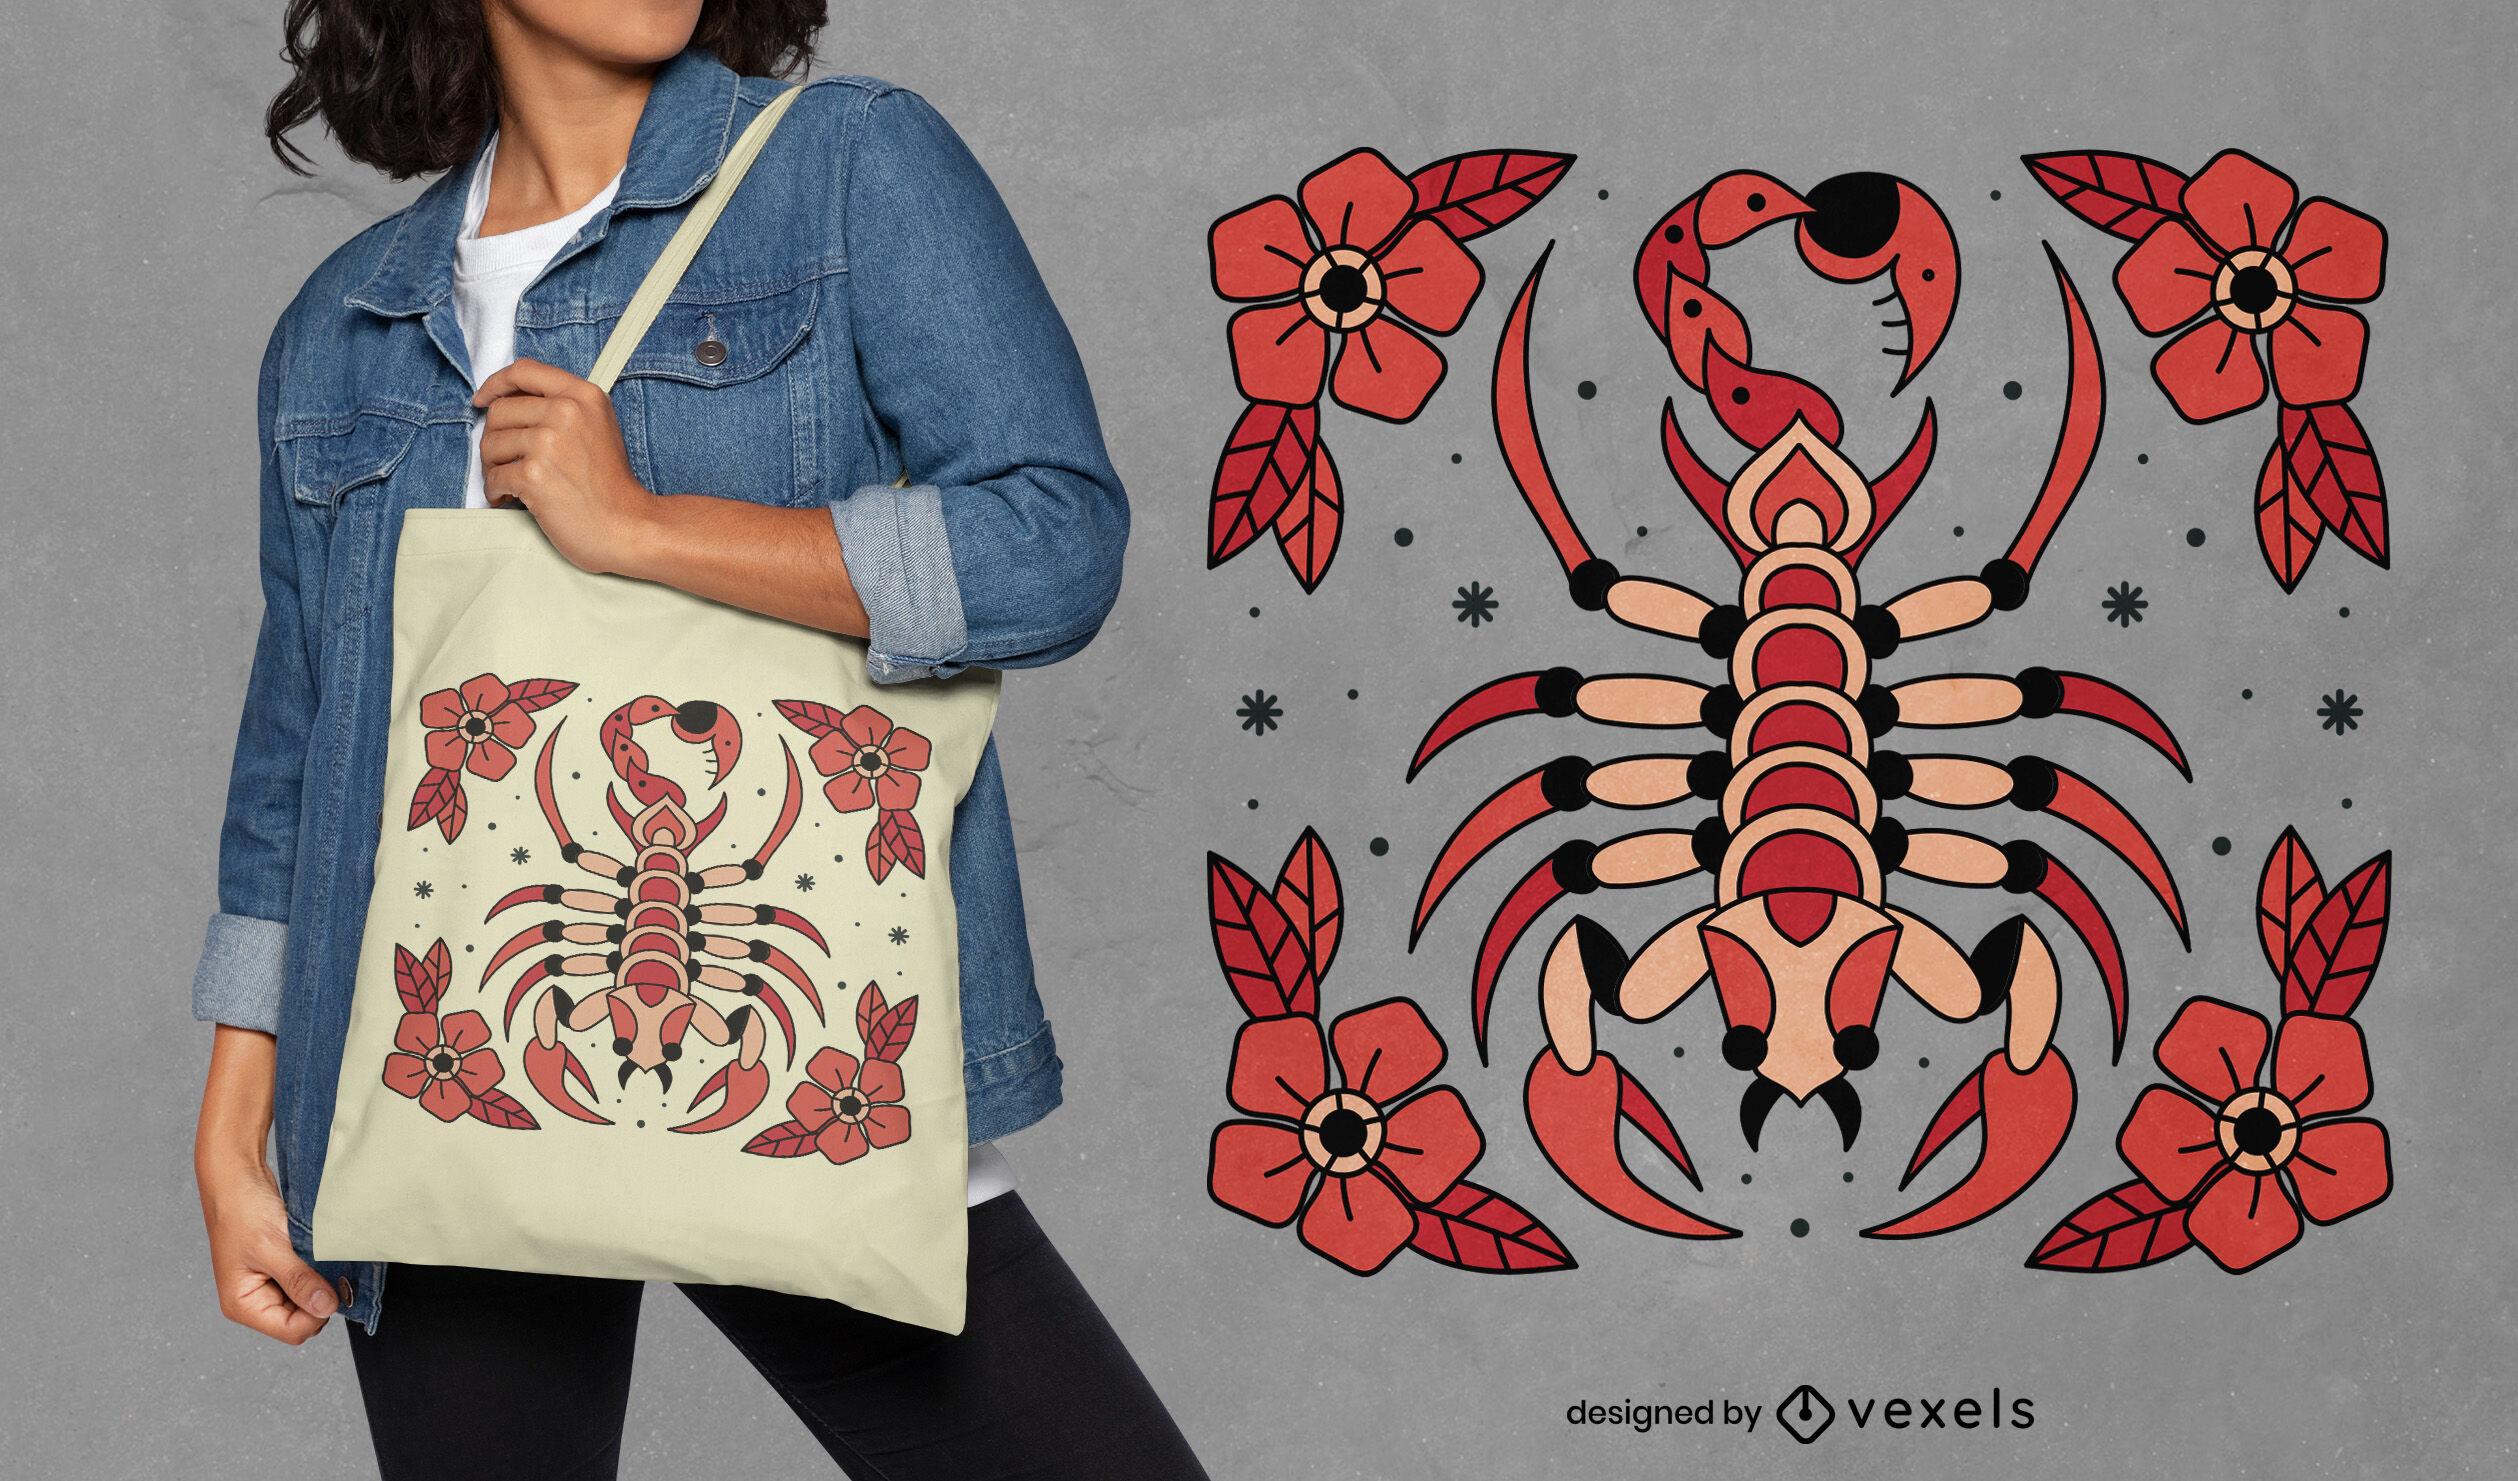 Dise?o de la bolsa de asas del tatuaje del animal del escorpi?n